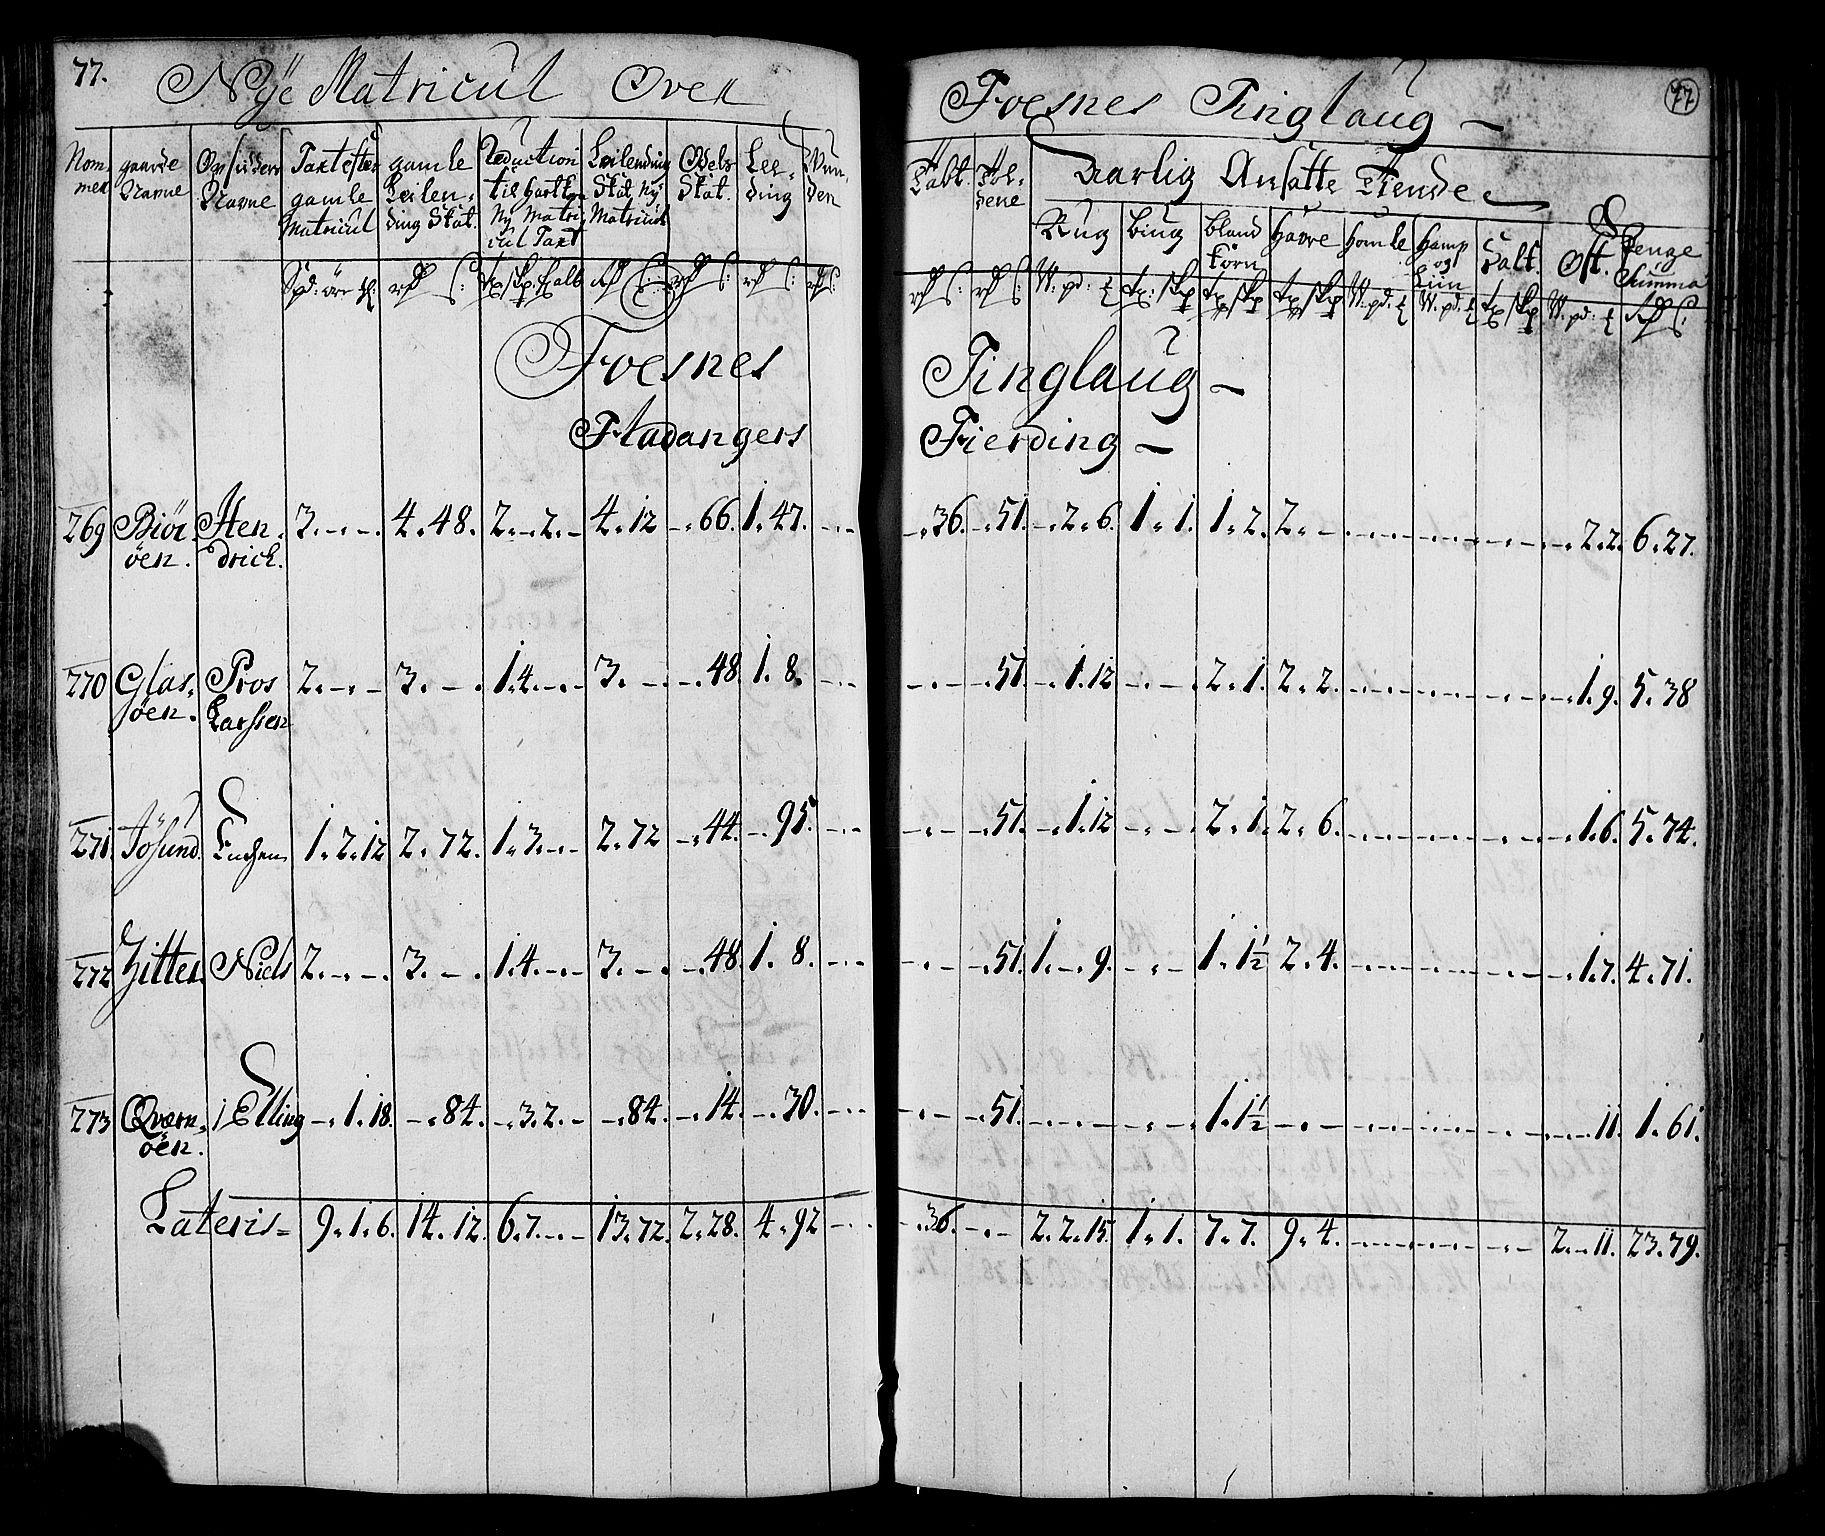 RA, Rentekammeret inntil 1814, Realistisk ordnet avdeling, N/Nb/Nbf/L0169: Namdalen matrikkelprotokoll, 1723, s. 76b-77a